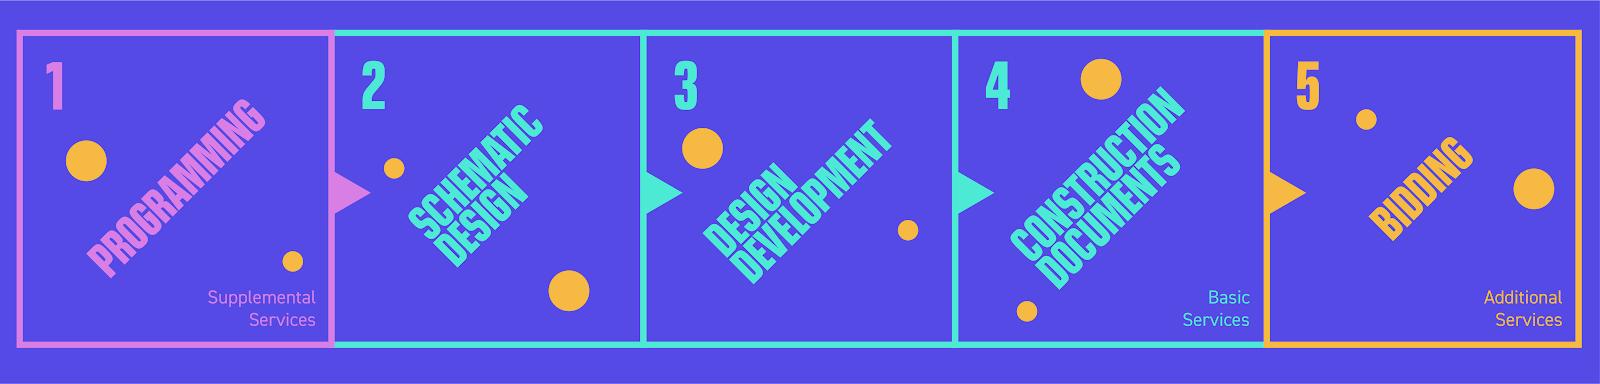 5 Design Phases